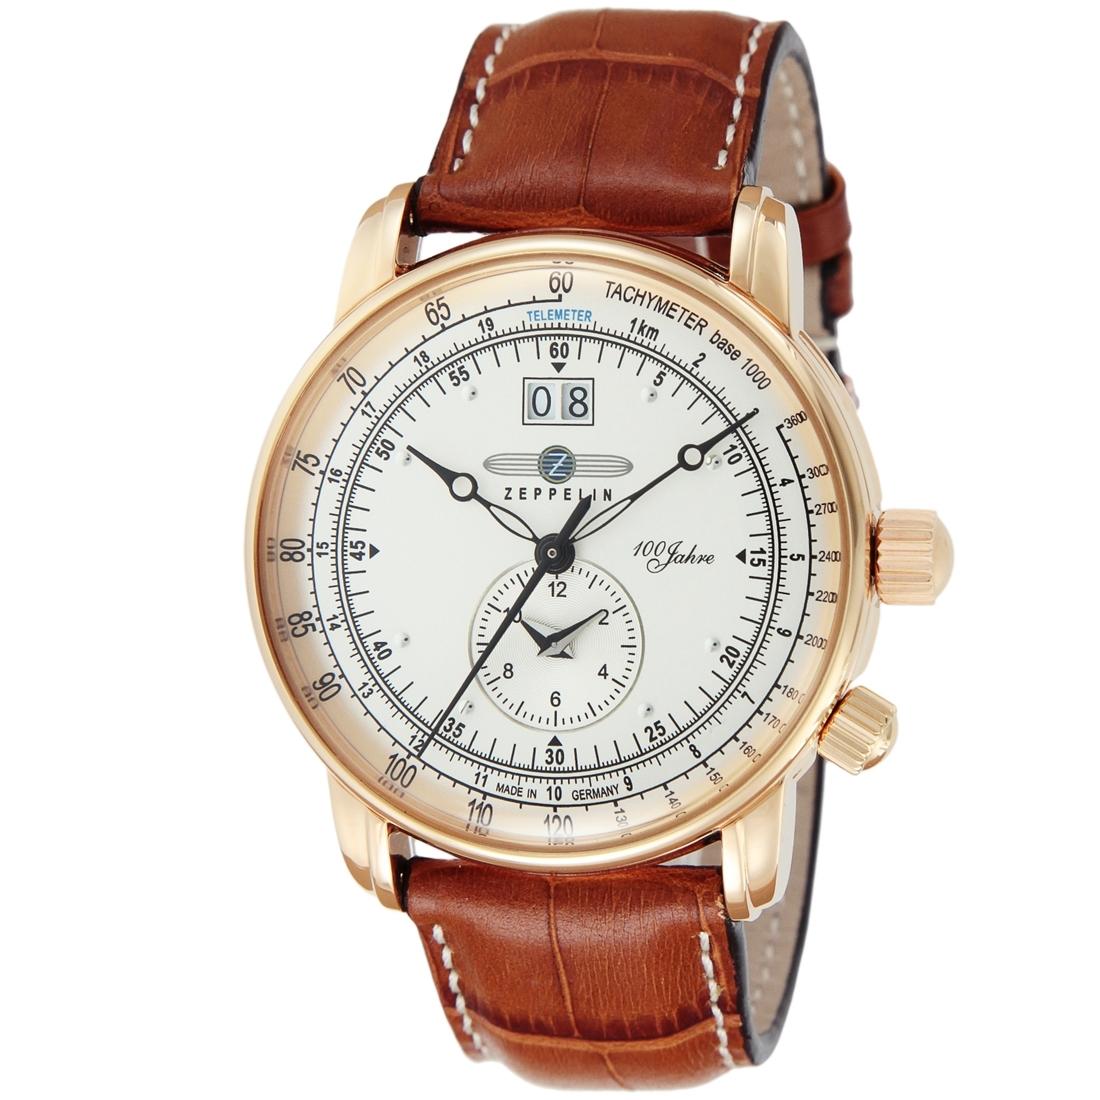 【今ならオリジナル折り畳み傘プレゼント】 ツェッペリン ZEPPELIN 76405 ZEPPELIN号100周年記念モデル 正規品 腕時計